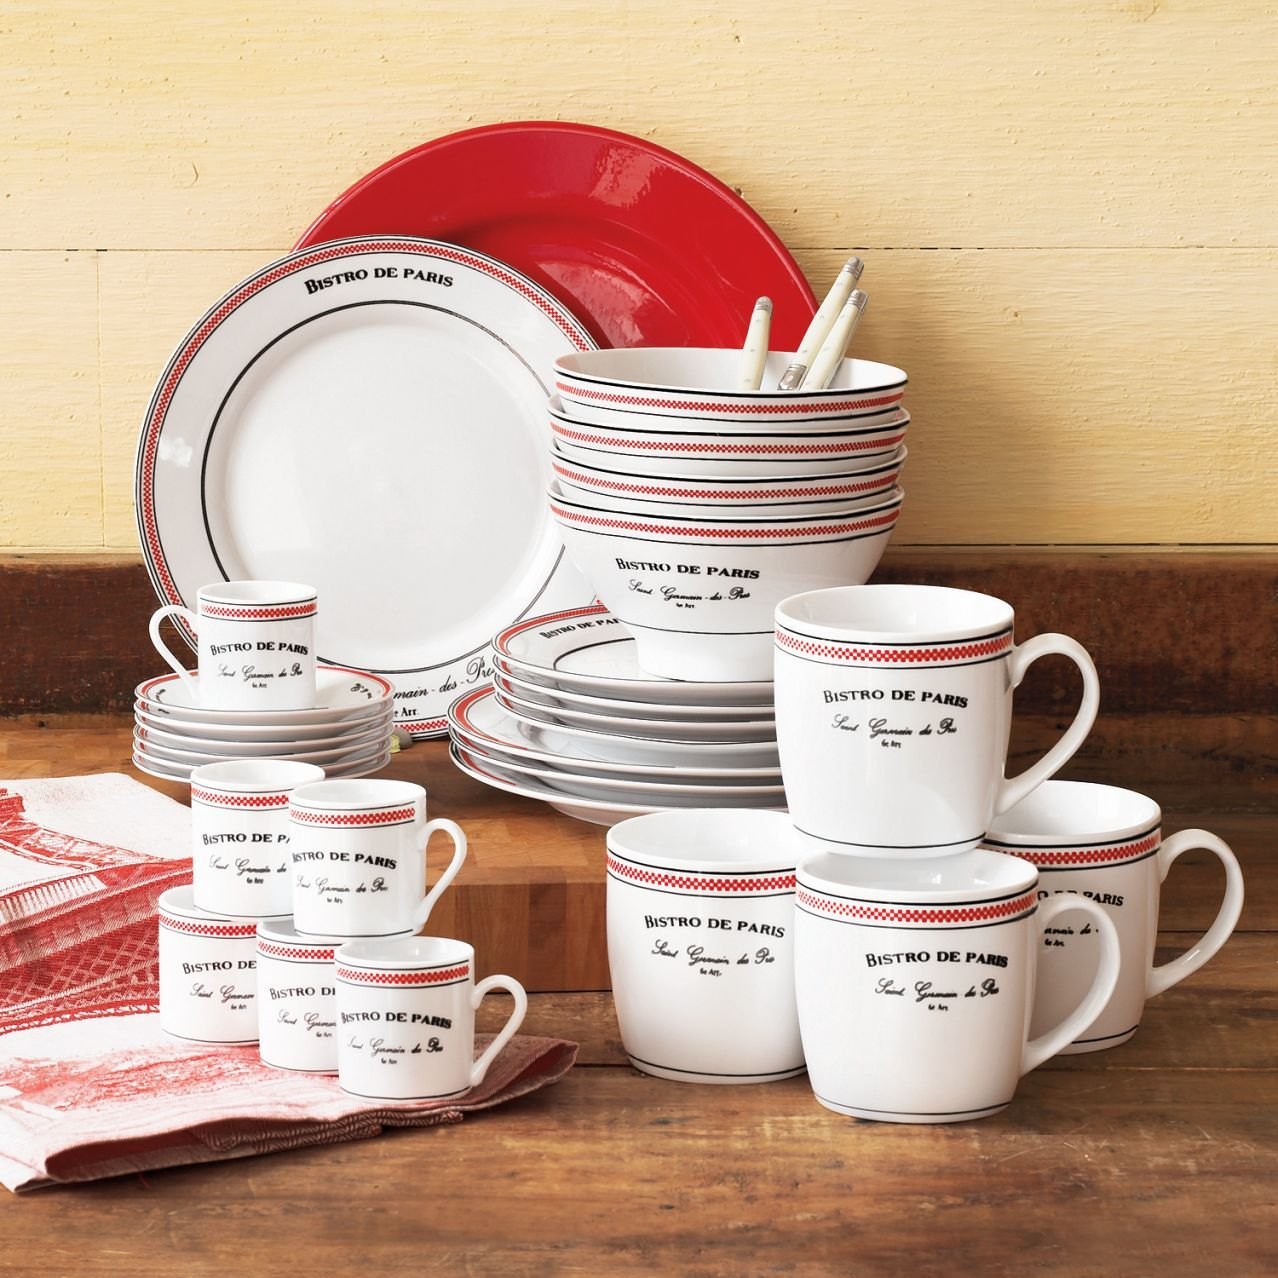 Lofts · u0027 & Bistro de Parisu0027 Dinnerware Set 16 Pieces | Sur La Table | Kitchen ...